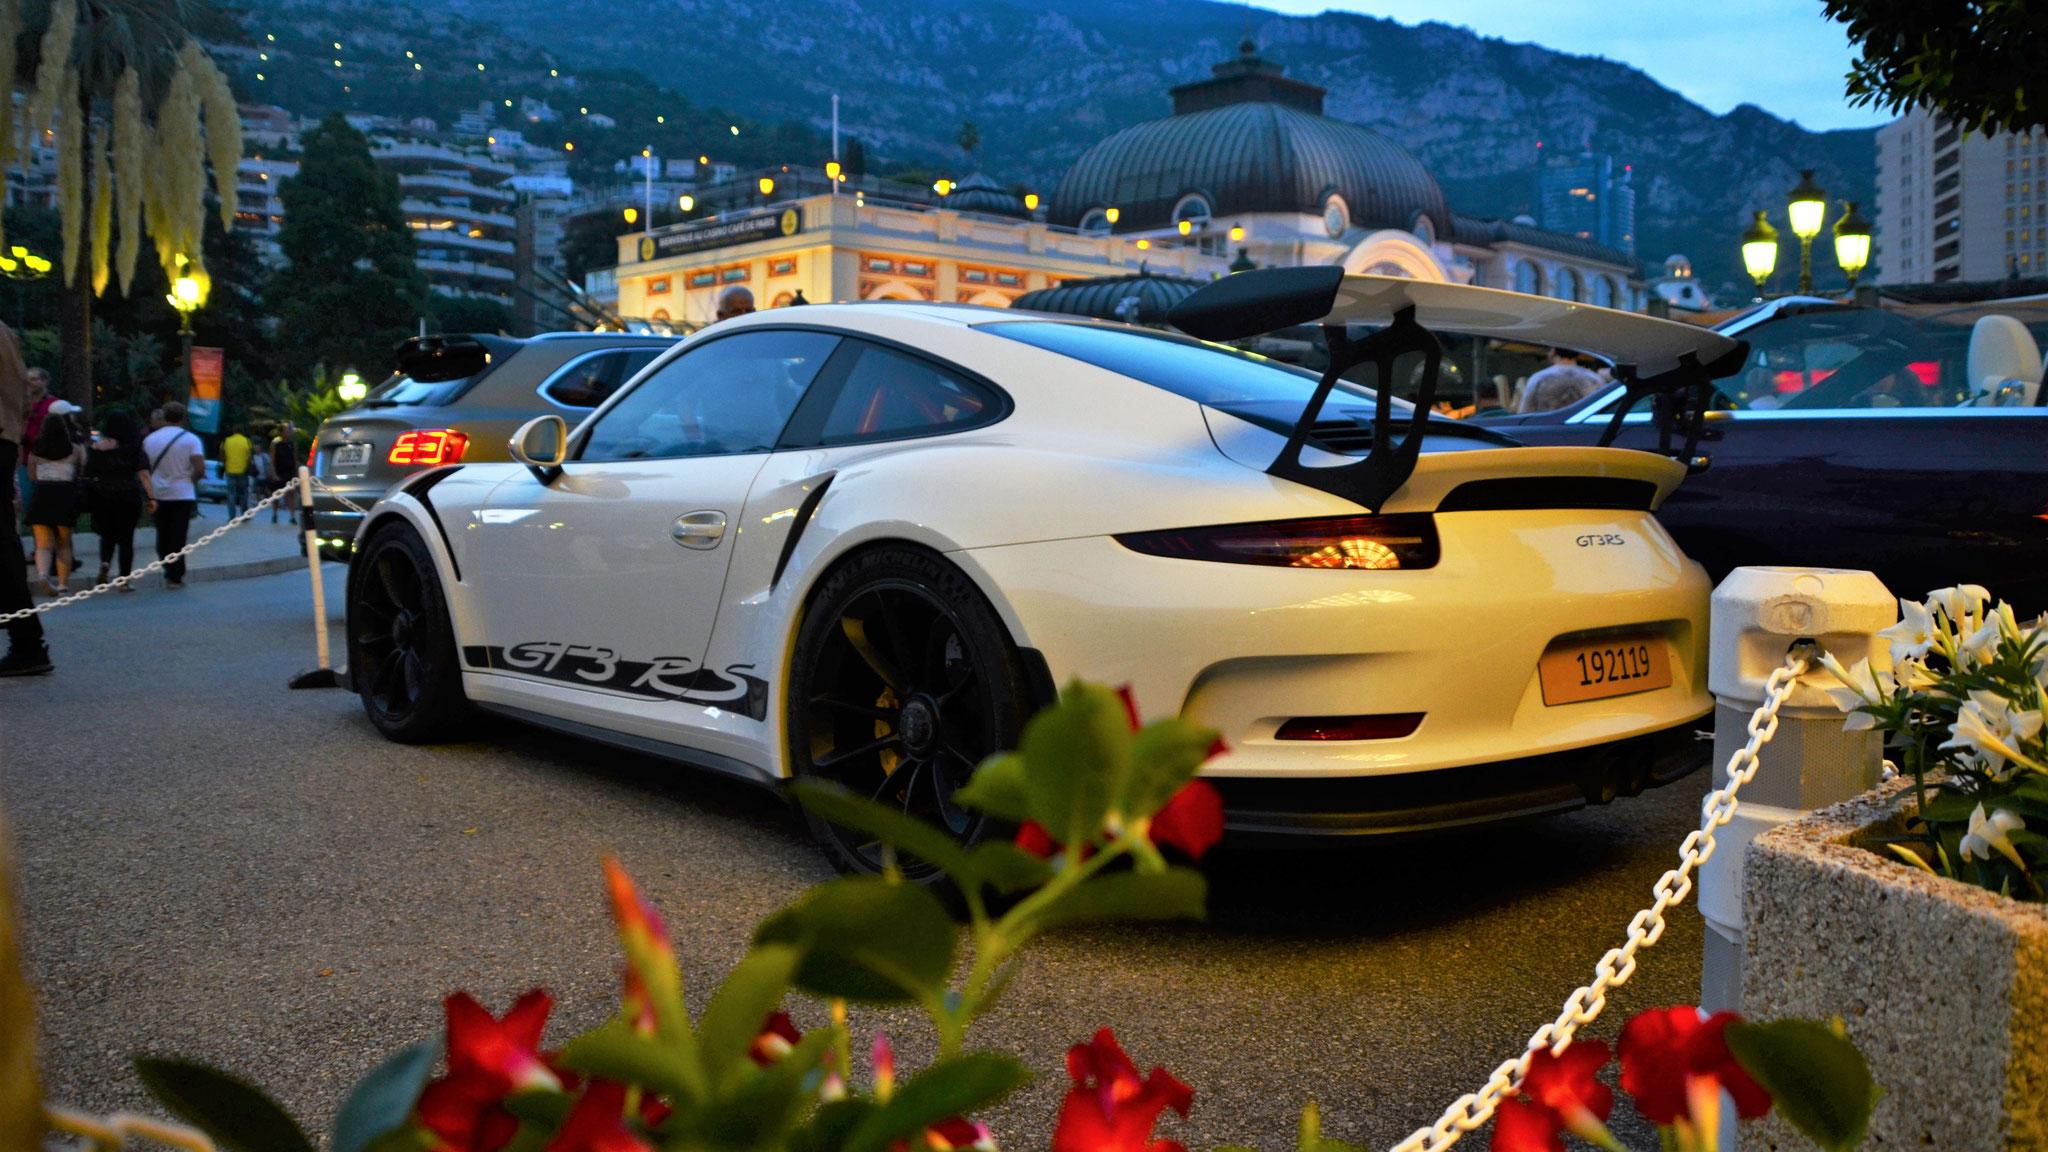 Porsche 911 GT3 RS - 192119 (Arab)